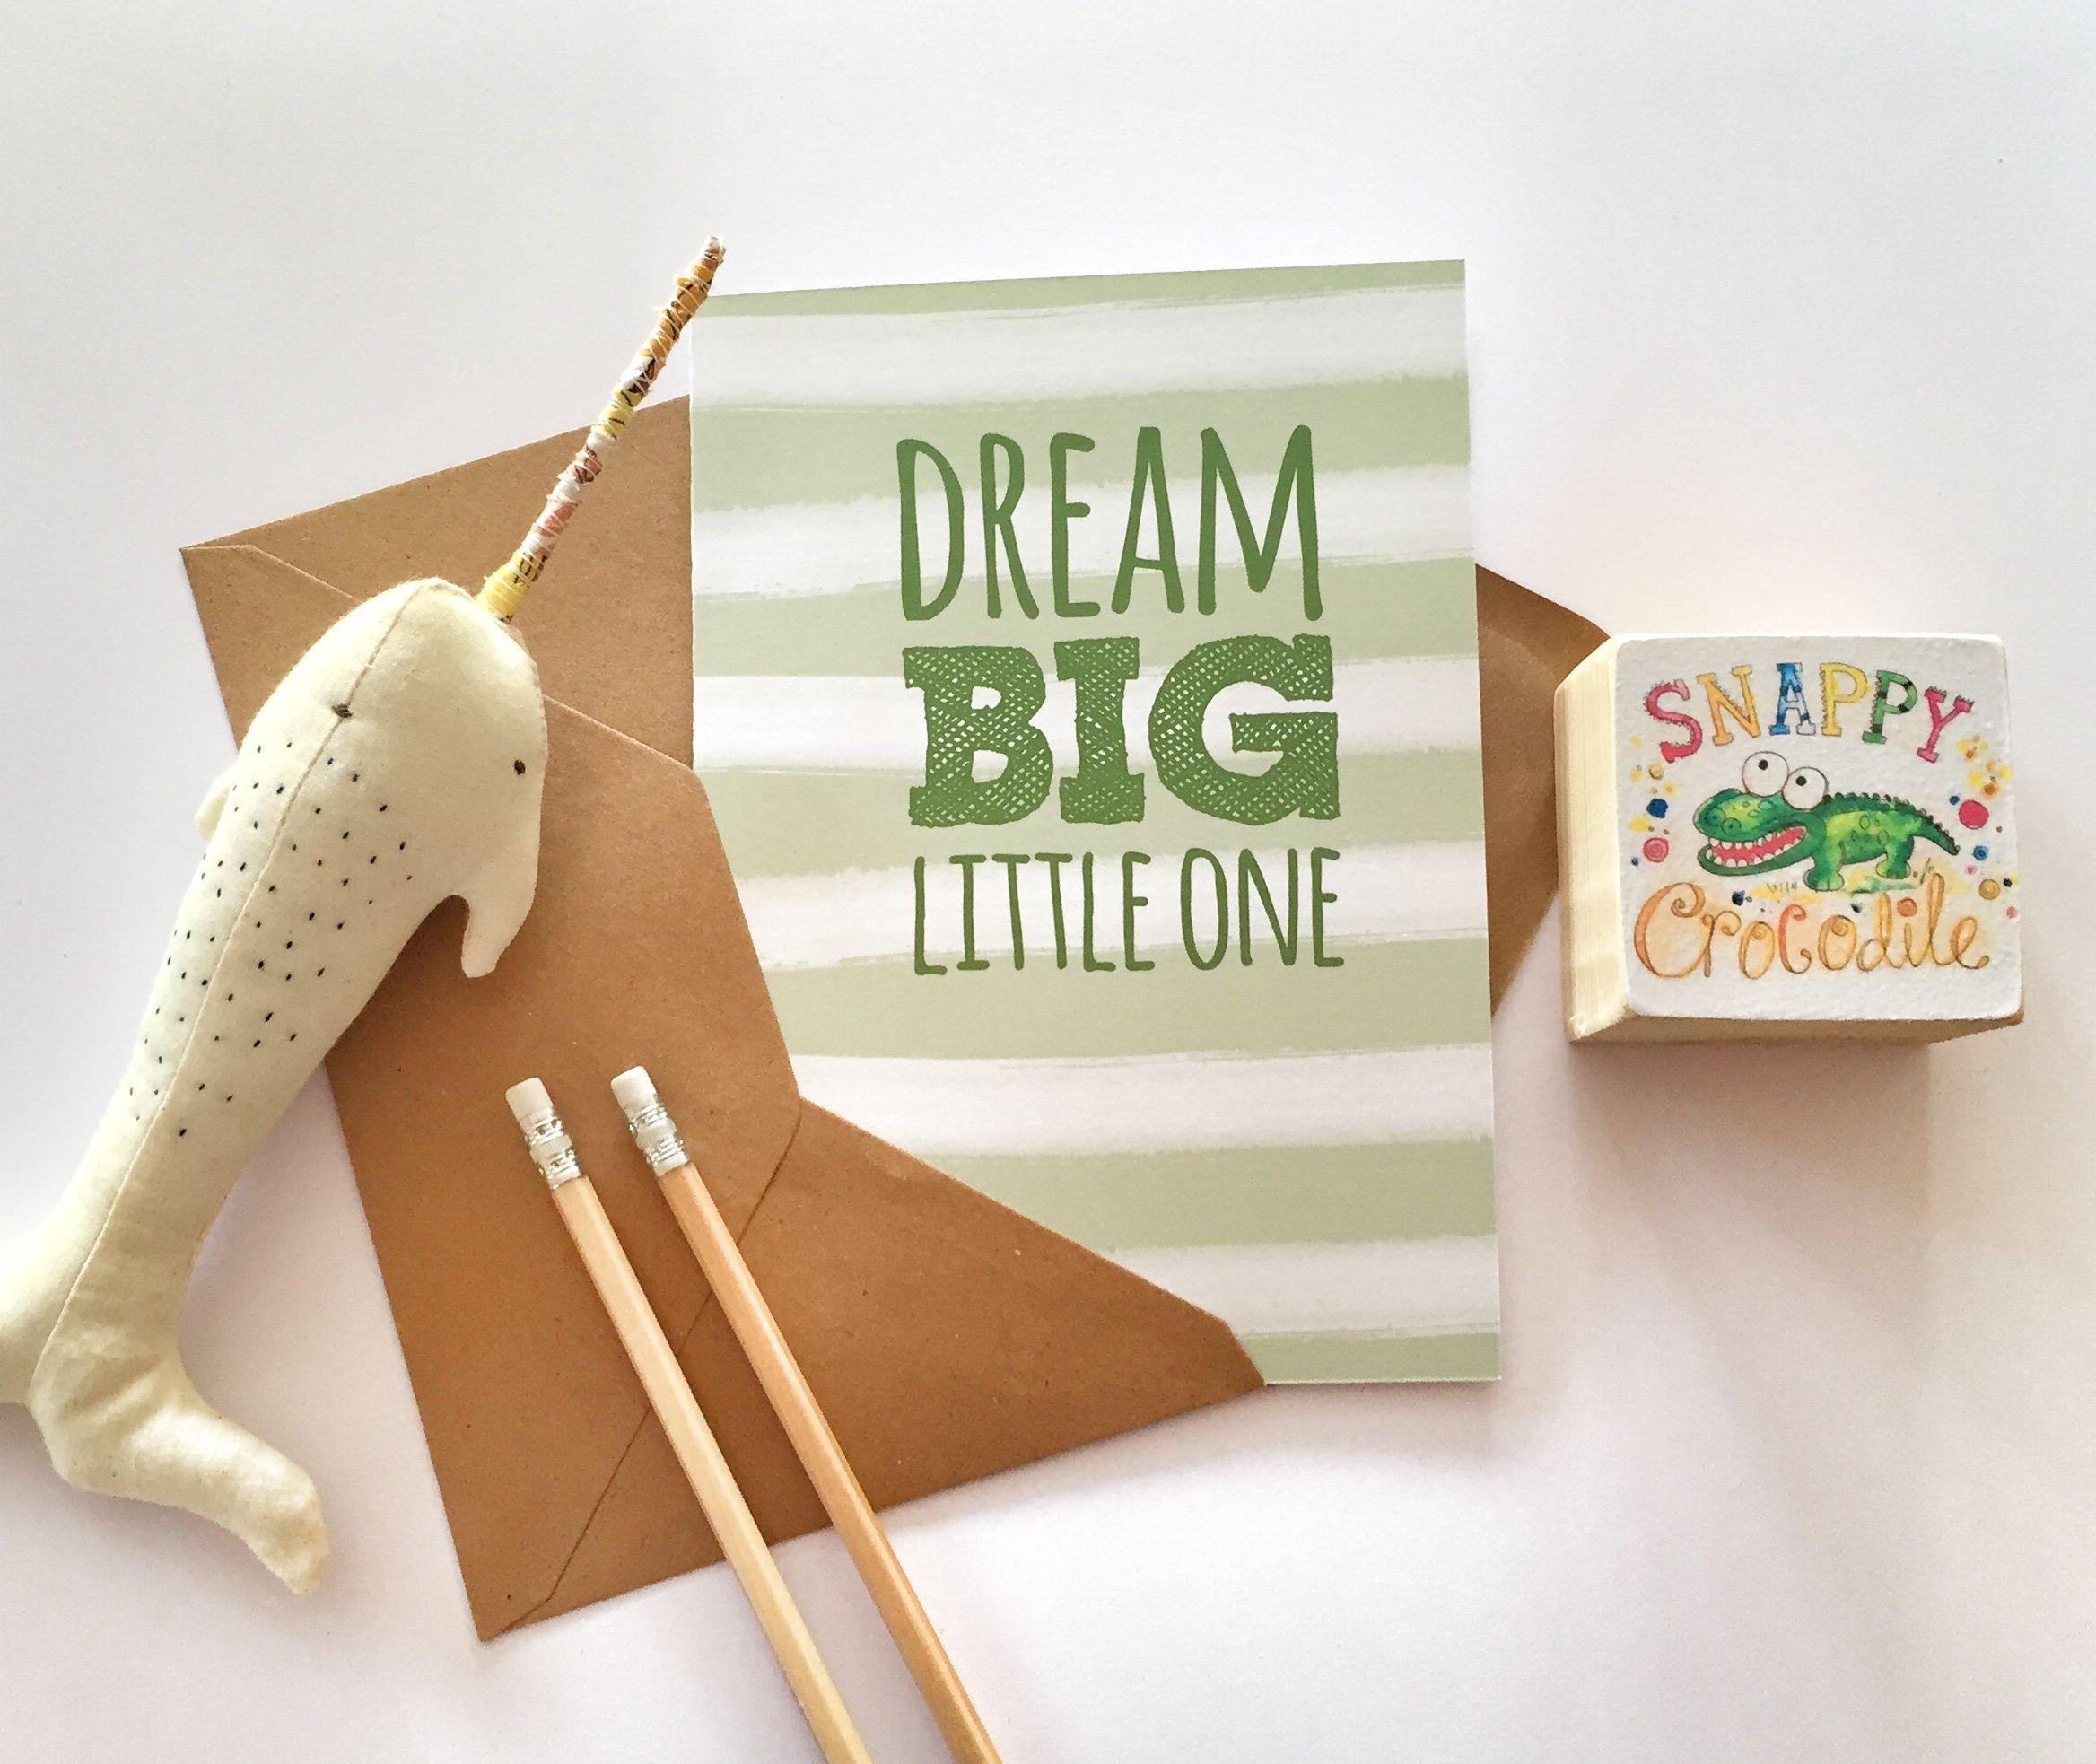 Dream Big - Green - By Snappy Crocodile